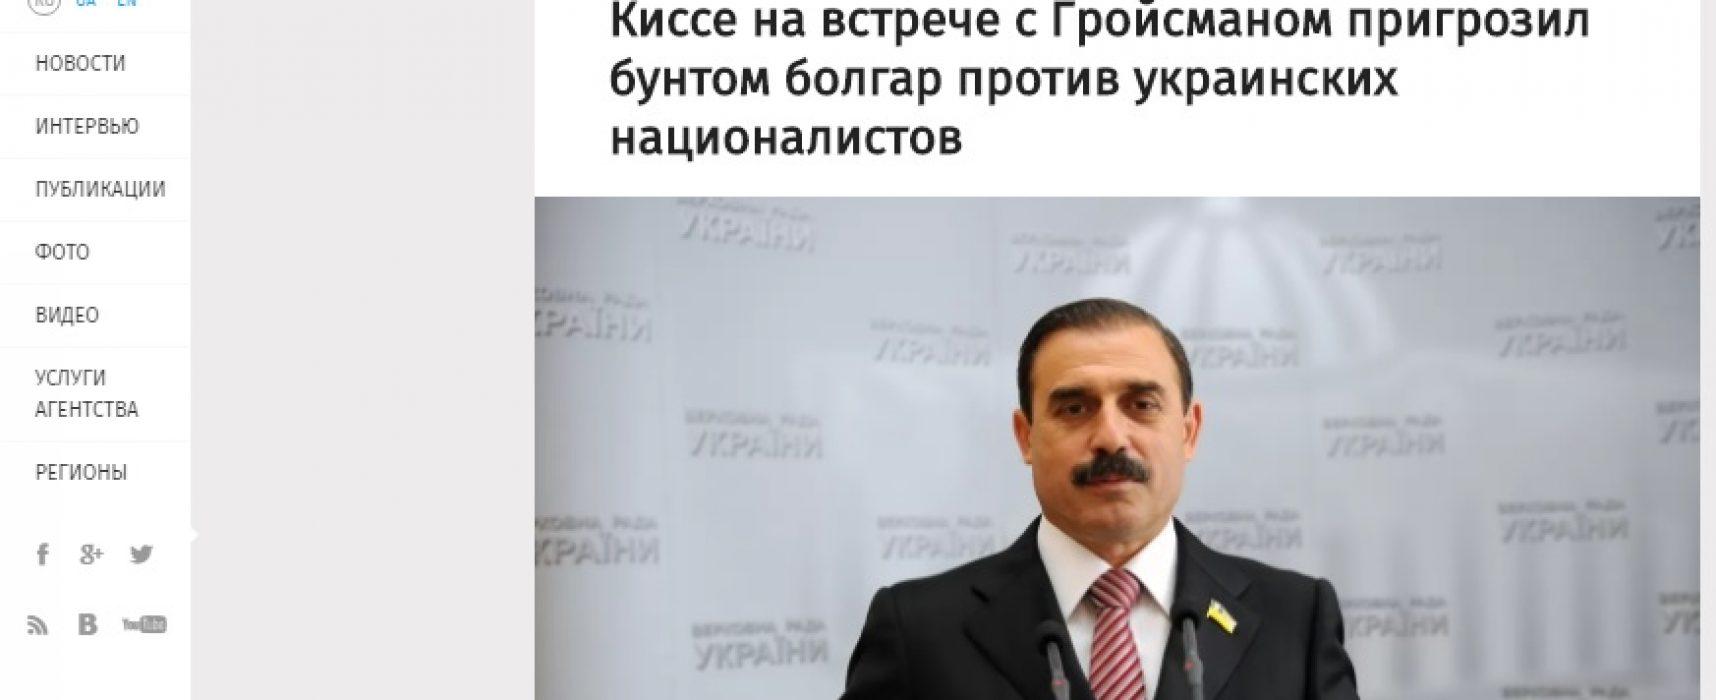 Фейк: Украински депутат плаши с бунтове на бесарабски българи заради осквернен паметник и общинска реформа